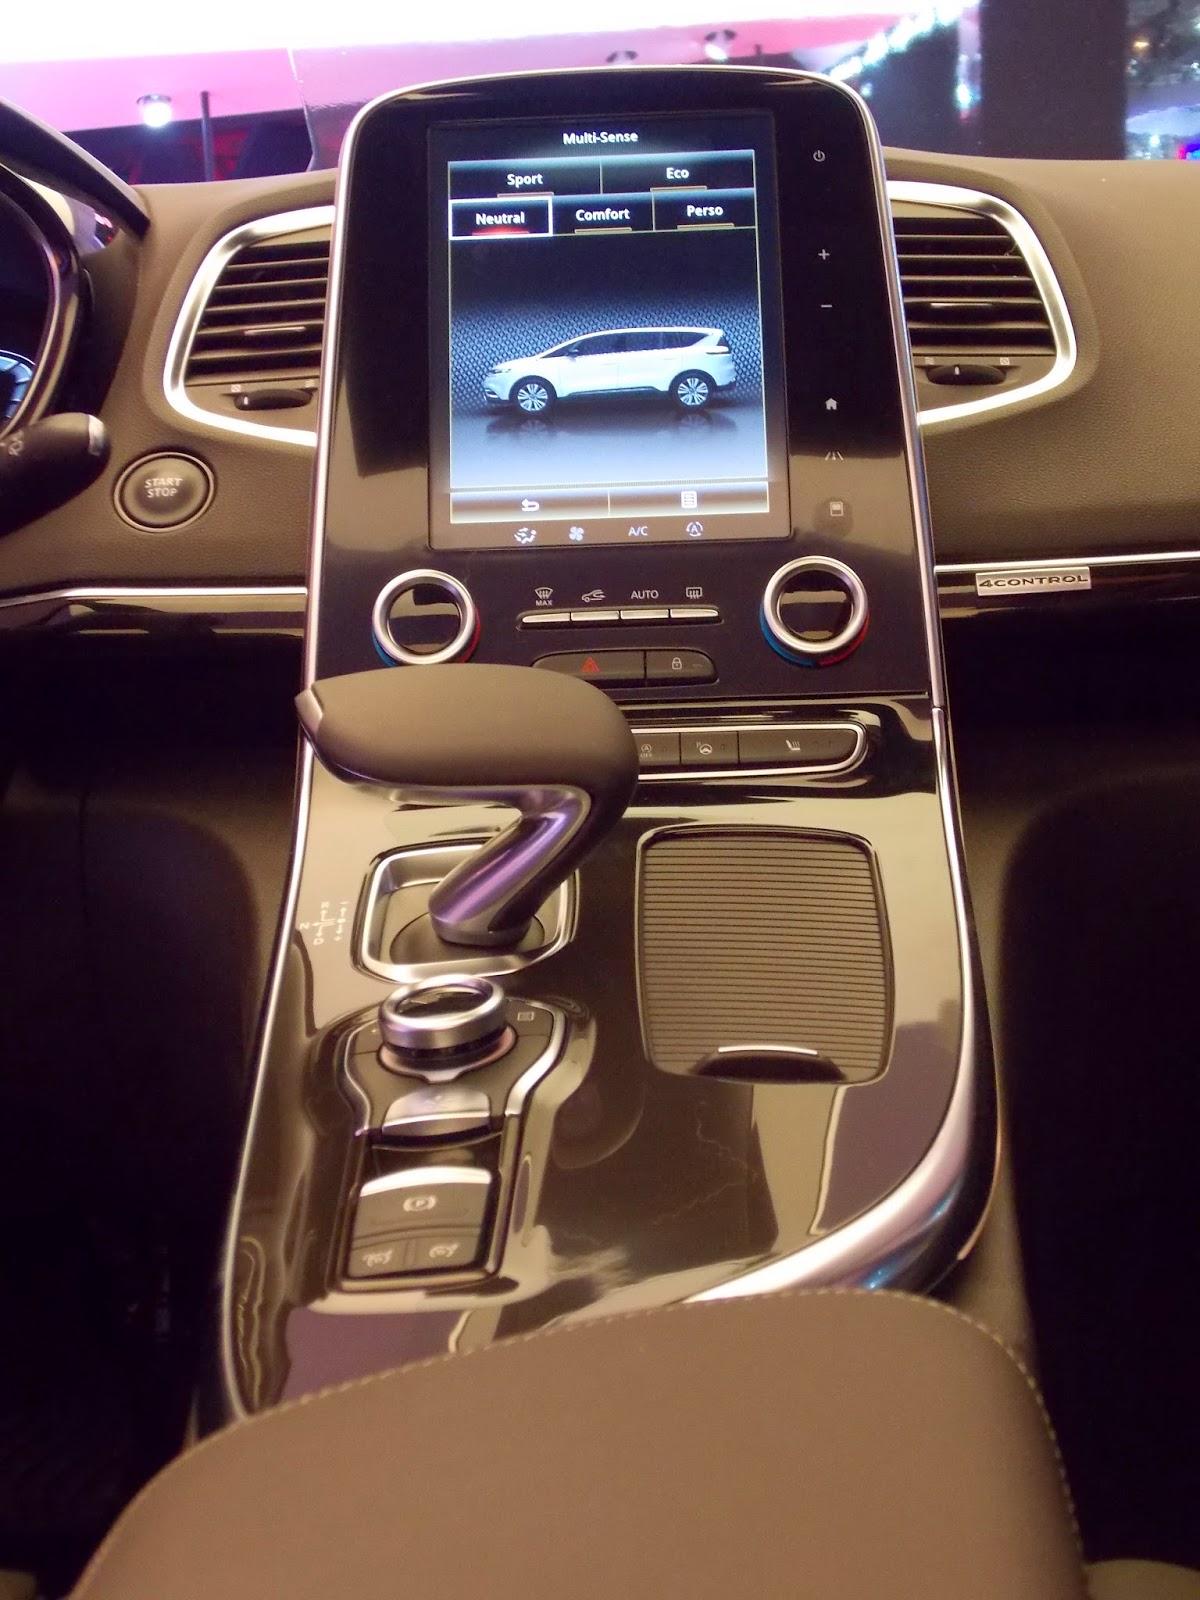 voiture du futur nouvel espace et ford s max duel technologique dans le segment des familiales. Black Bedroom Furniture Sets. Home Design Ideas